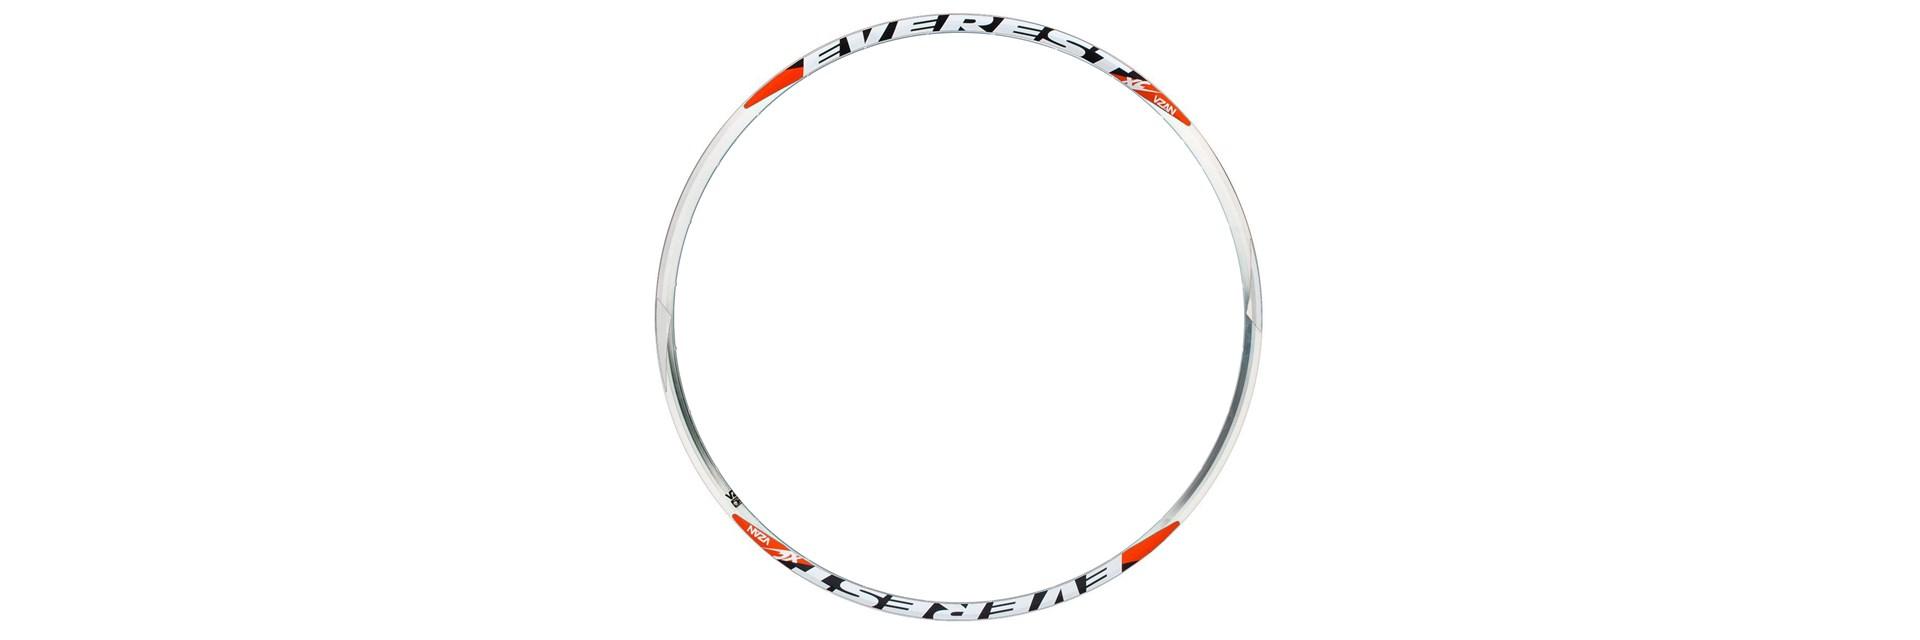 Aro Roda Everest Xc 29/28f Branco - V19